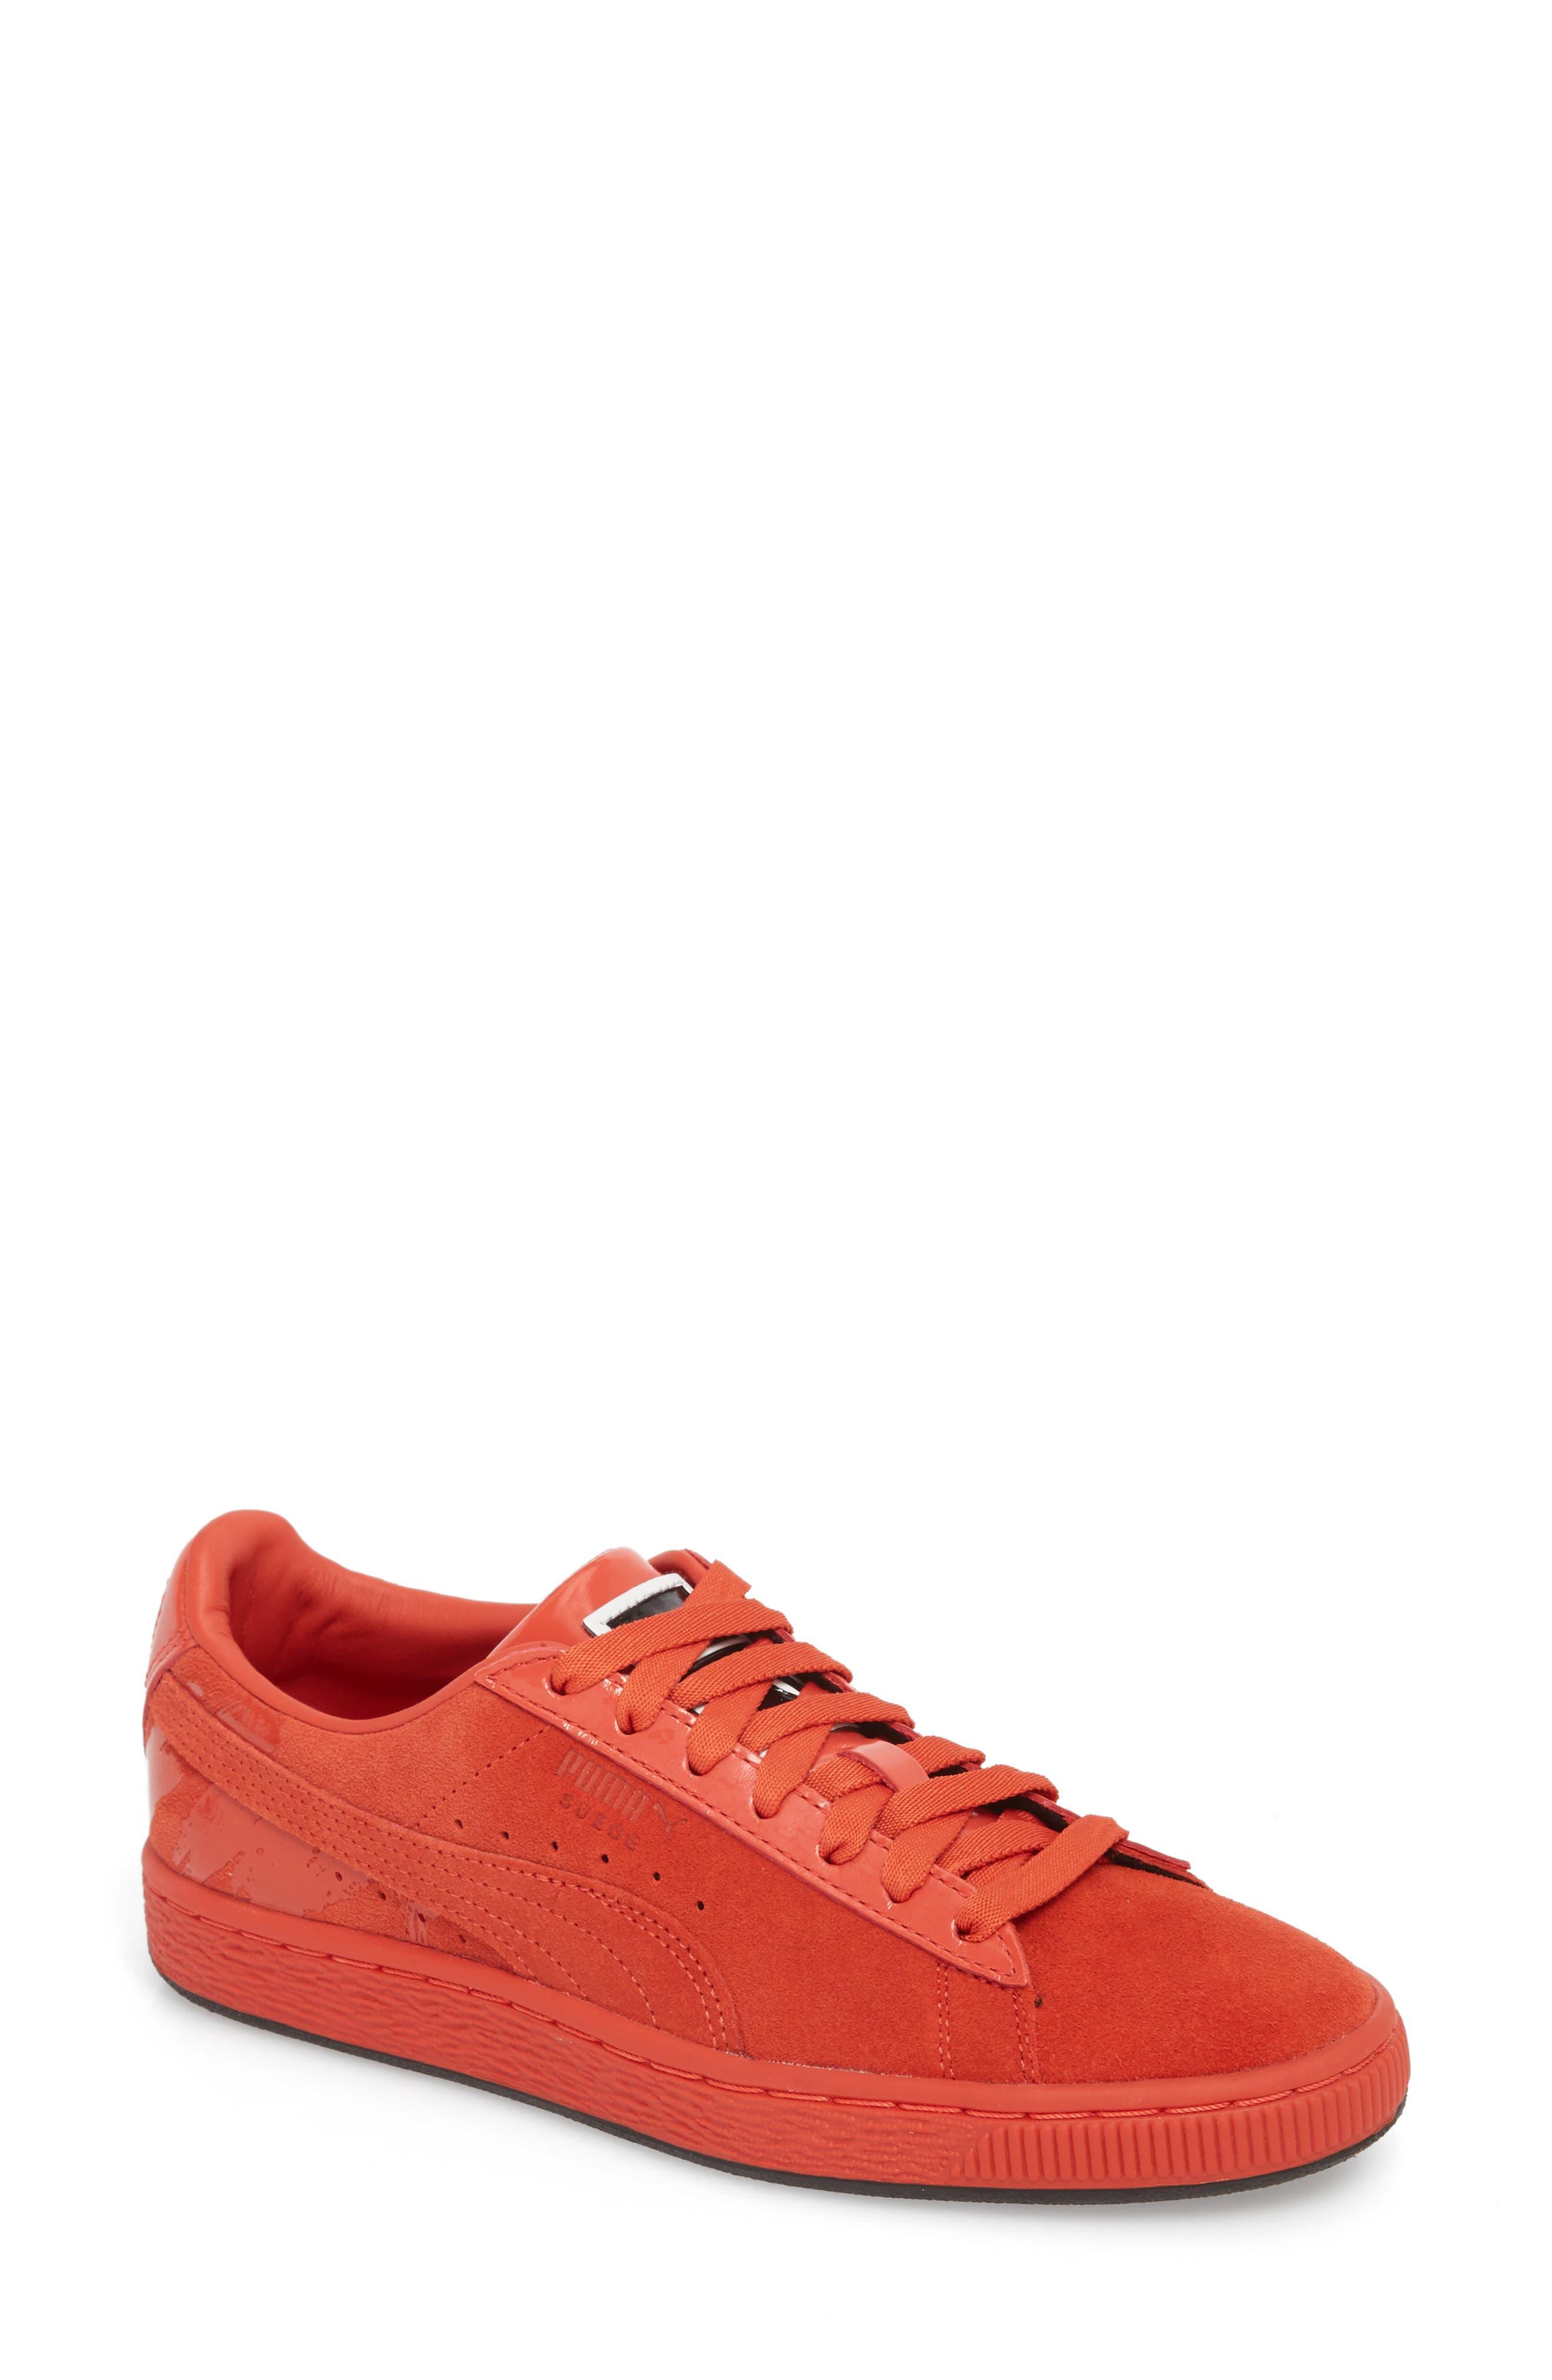 PUMA x MAC ONE Suede Classic Sneaker, Main, color, 600